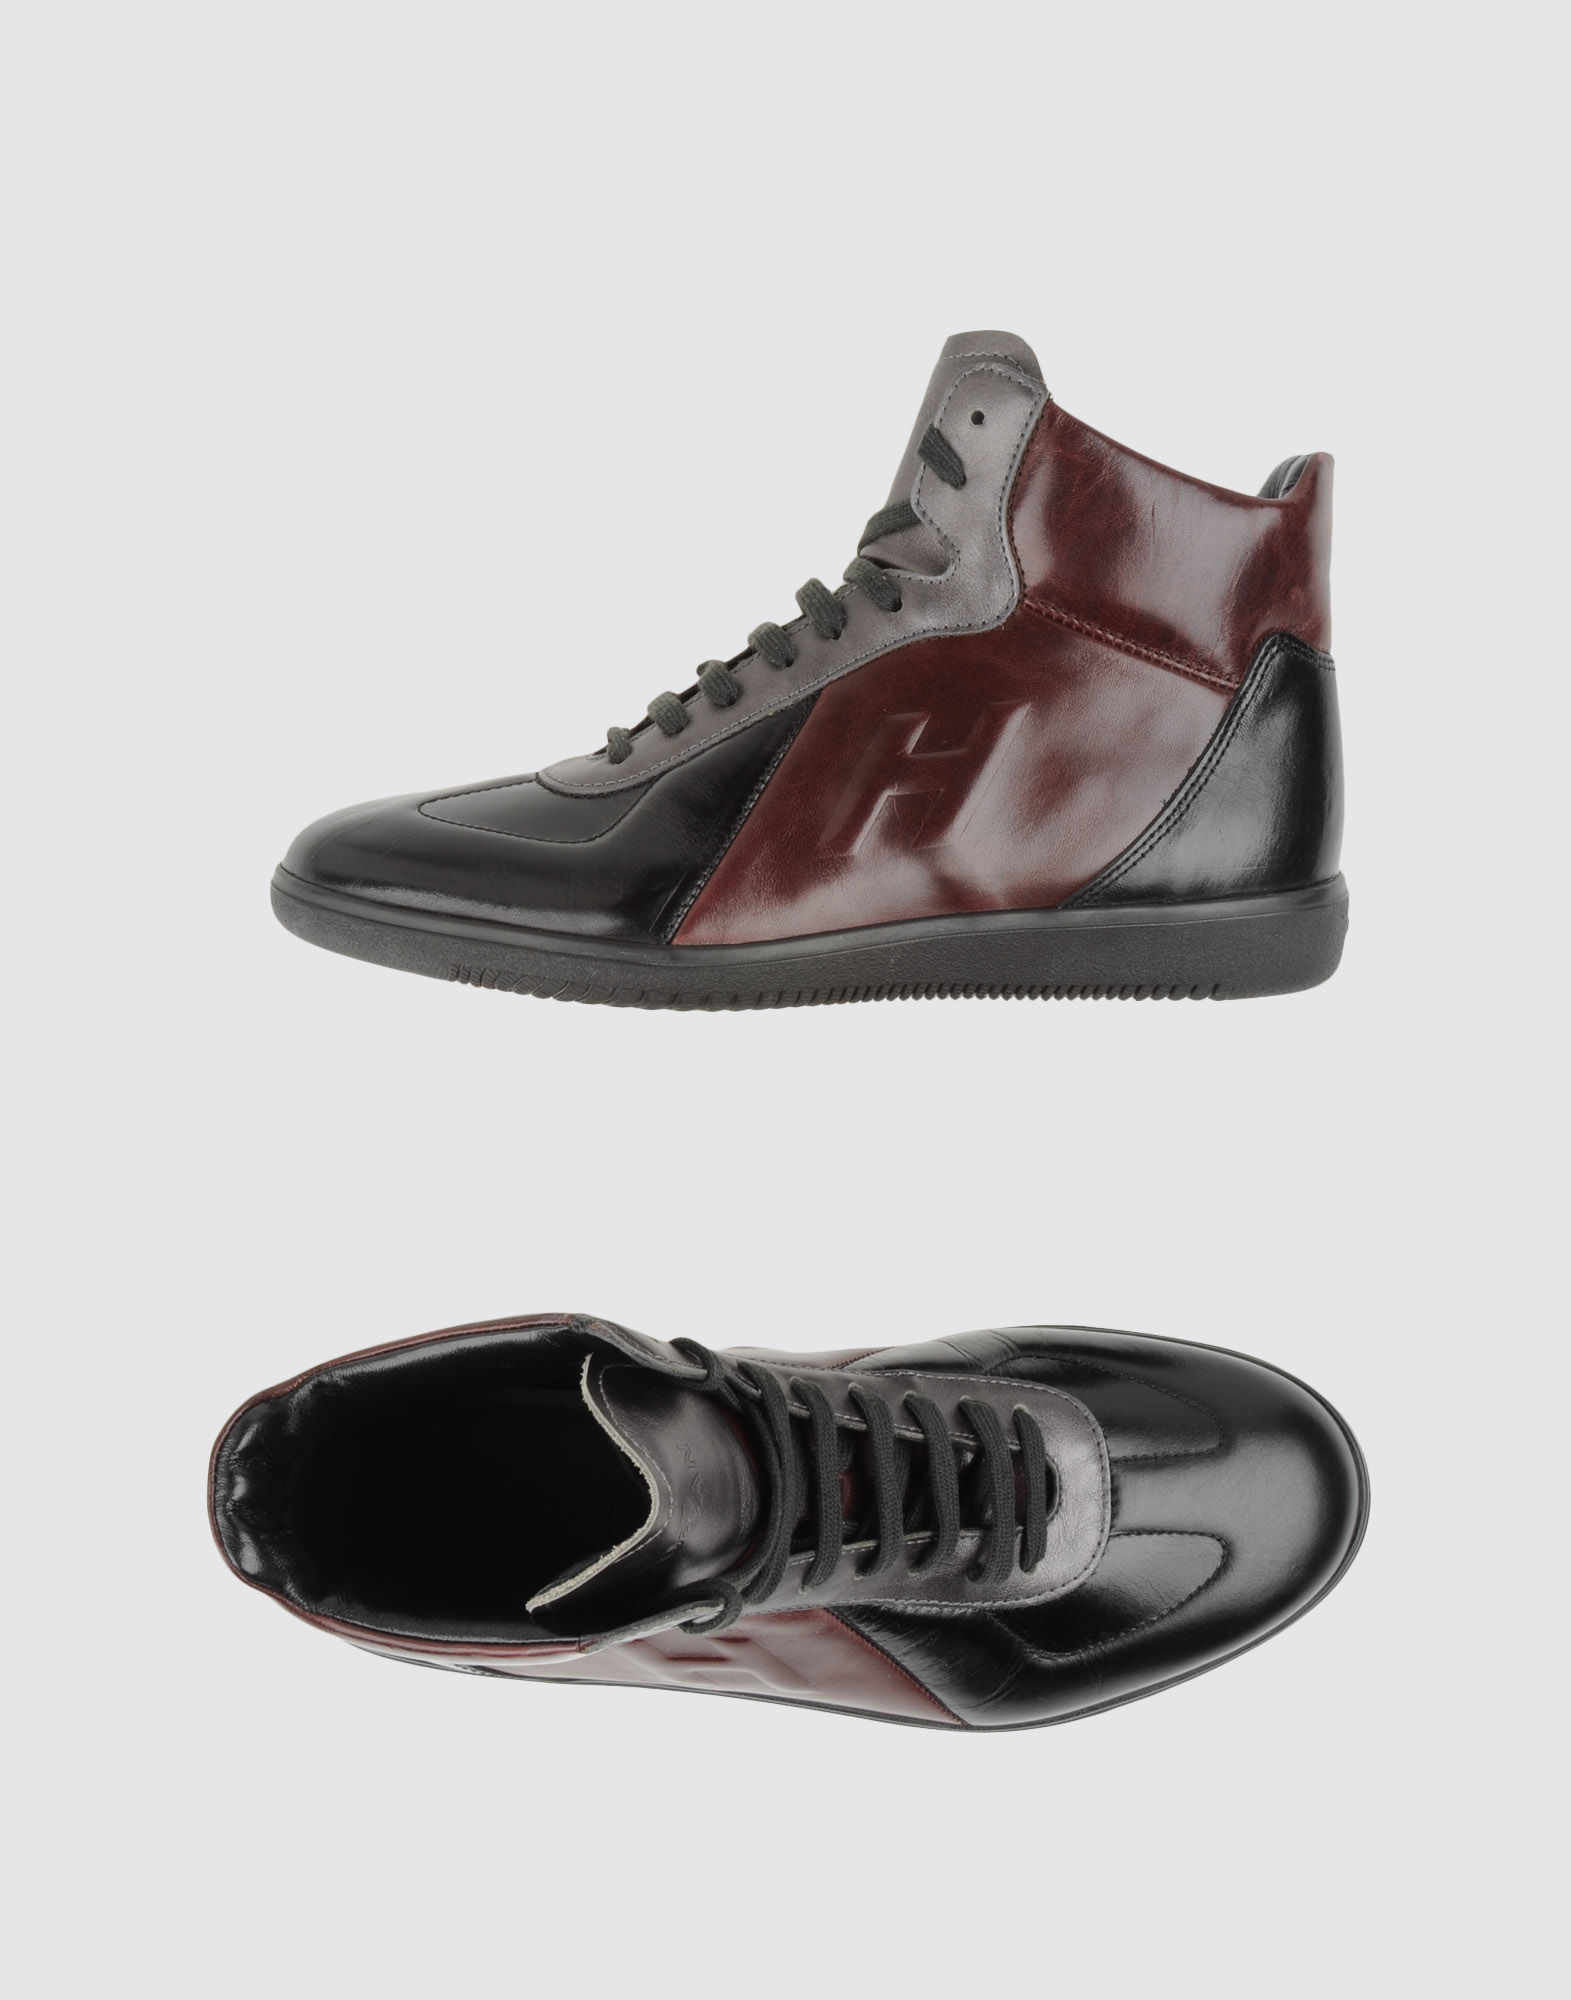 Scarpe online ♥ We feel shoes ♥ We love shoes ♥ We are shoes ♥ Con più di marche e più di modelli, gli amanti delle scarpe e dello shopping troveranno sicuramente il paio di scarpe che fa per loro da Sarenza.